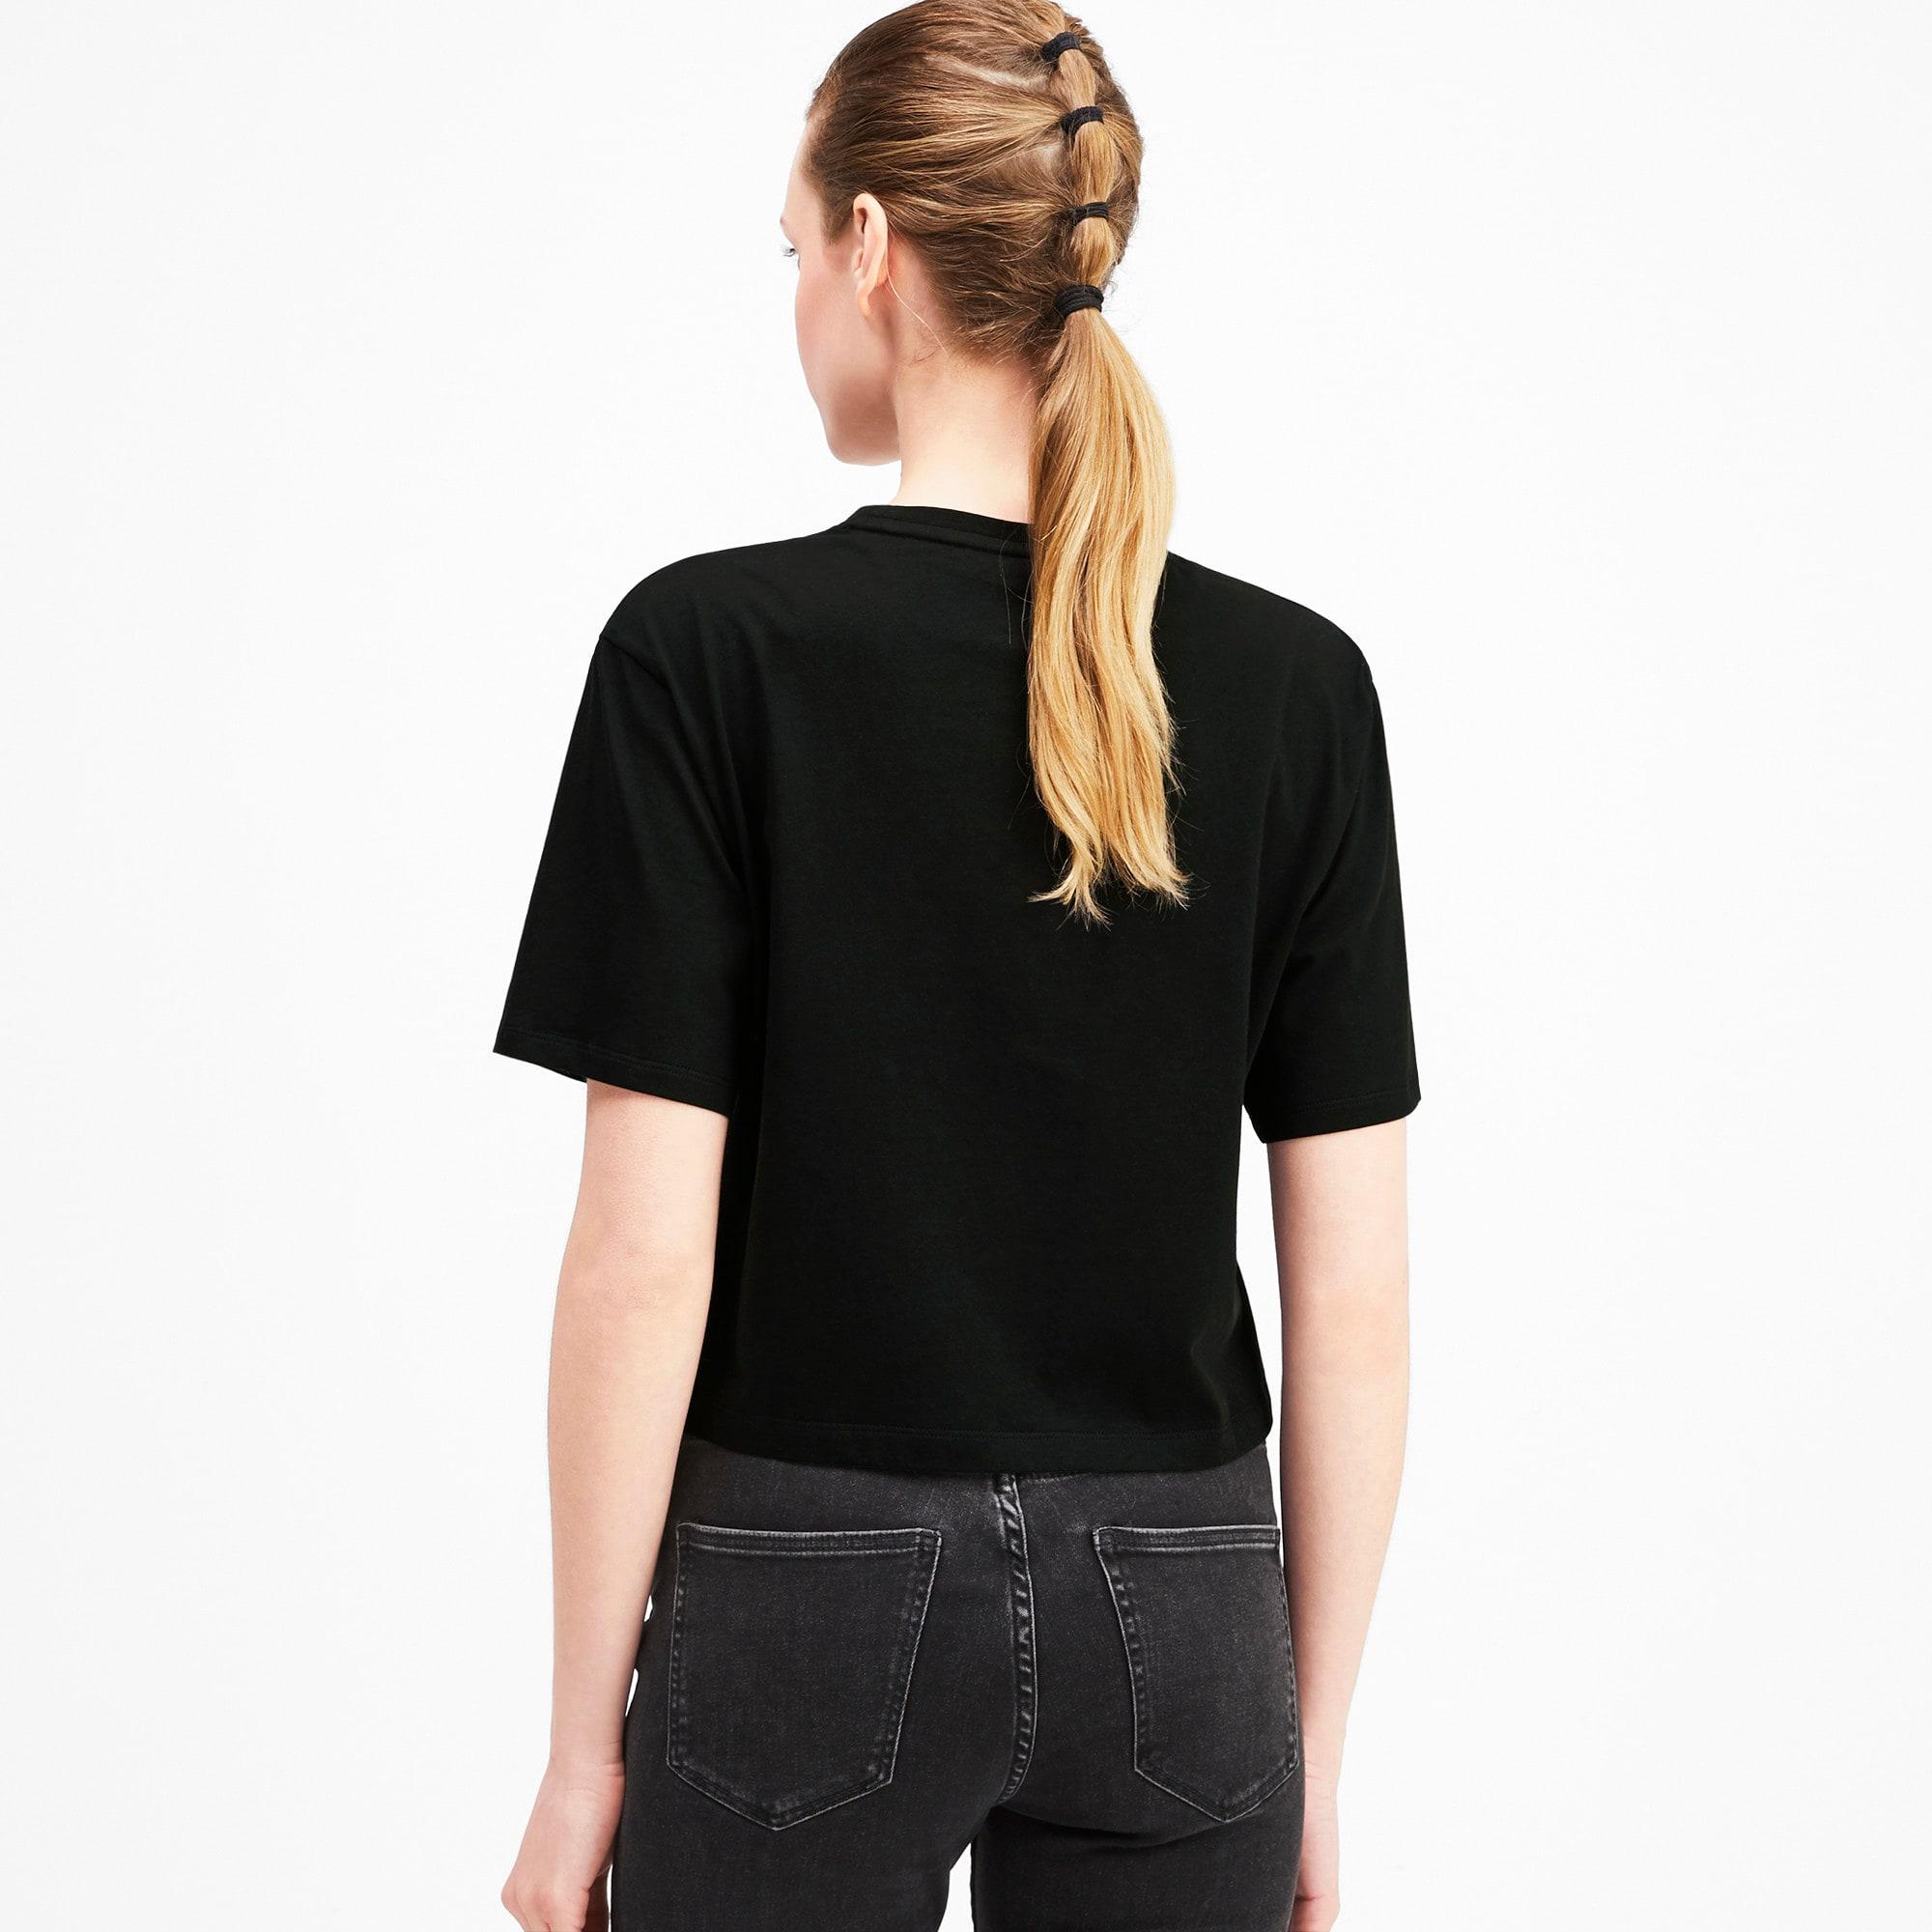 Miniatura 2 de Camiseta corta con logo para mujer, Puma Black, mediano